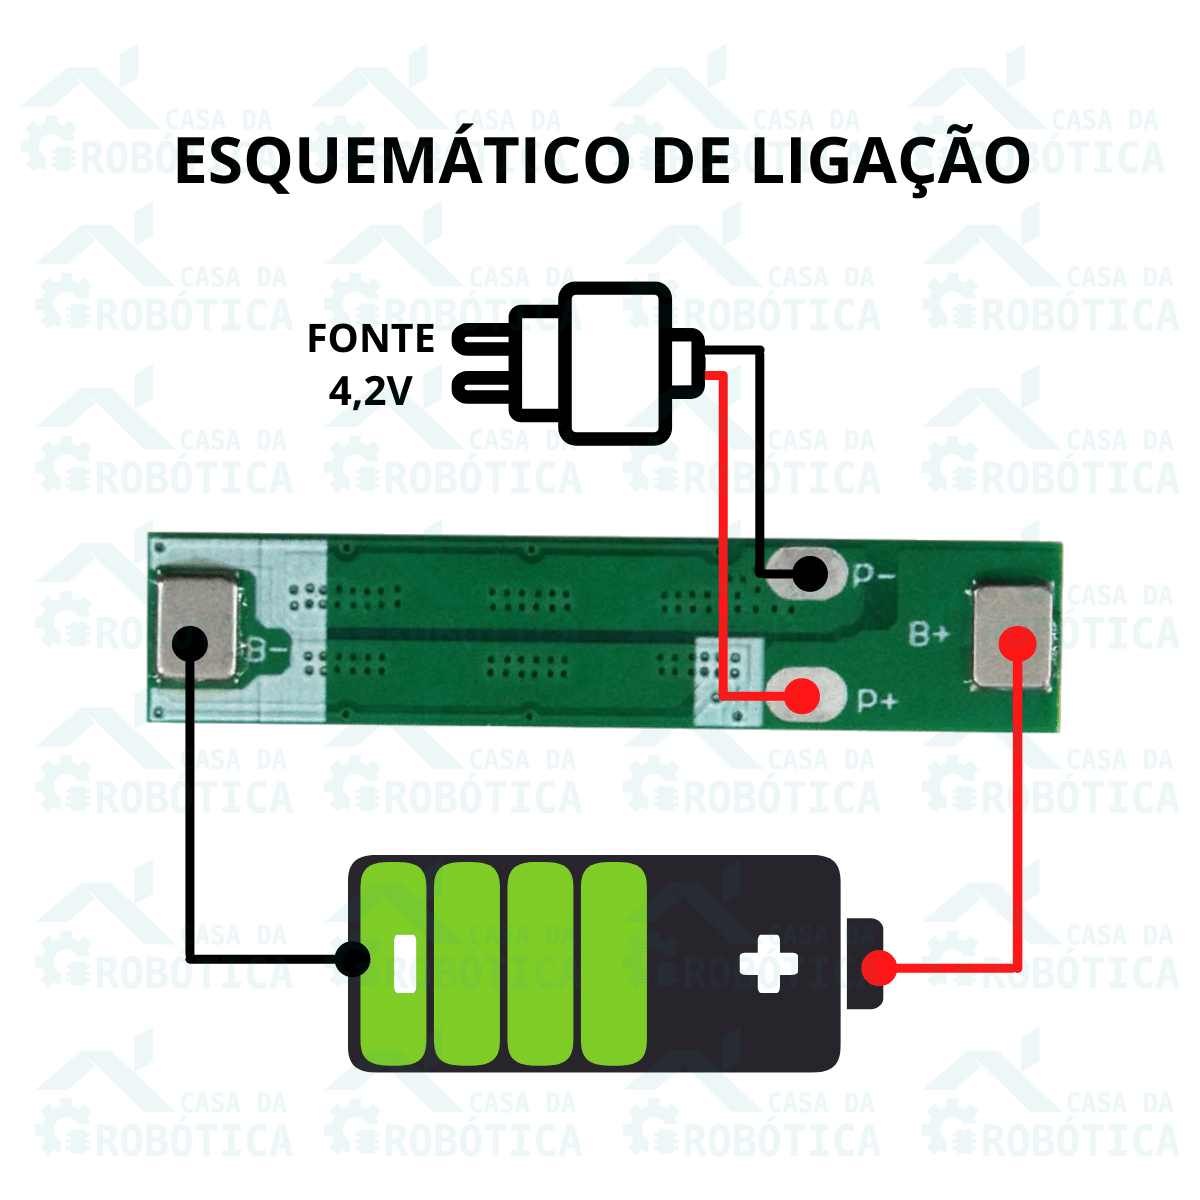 10x Carregador Bateria 3,7v 4,2v Bms 1S 10A Proteção Carga Descarga